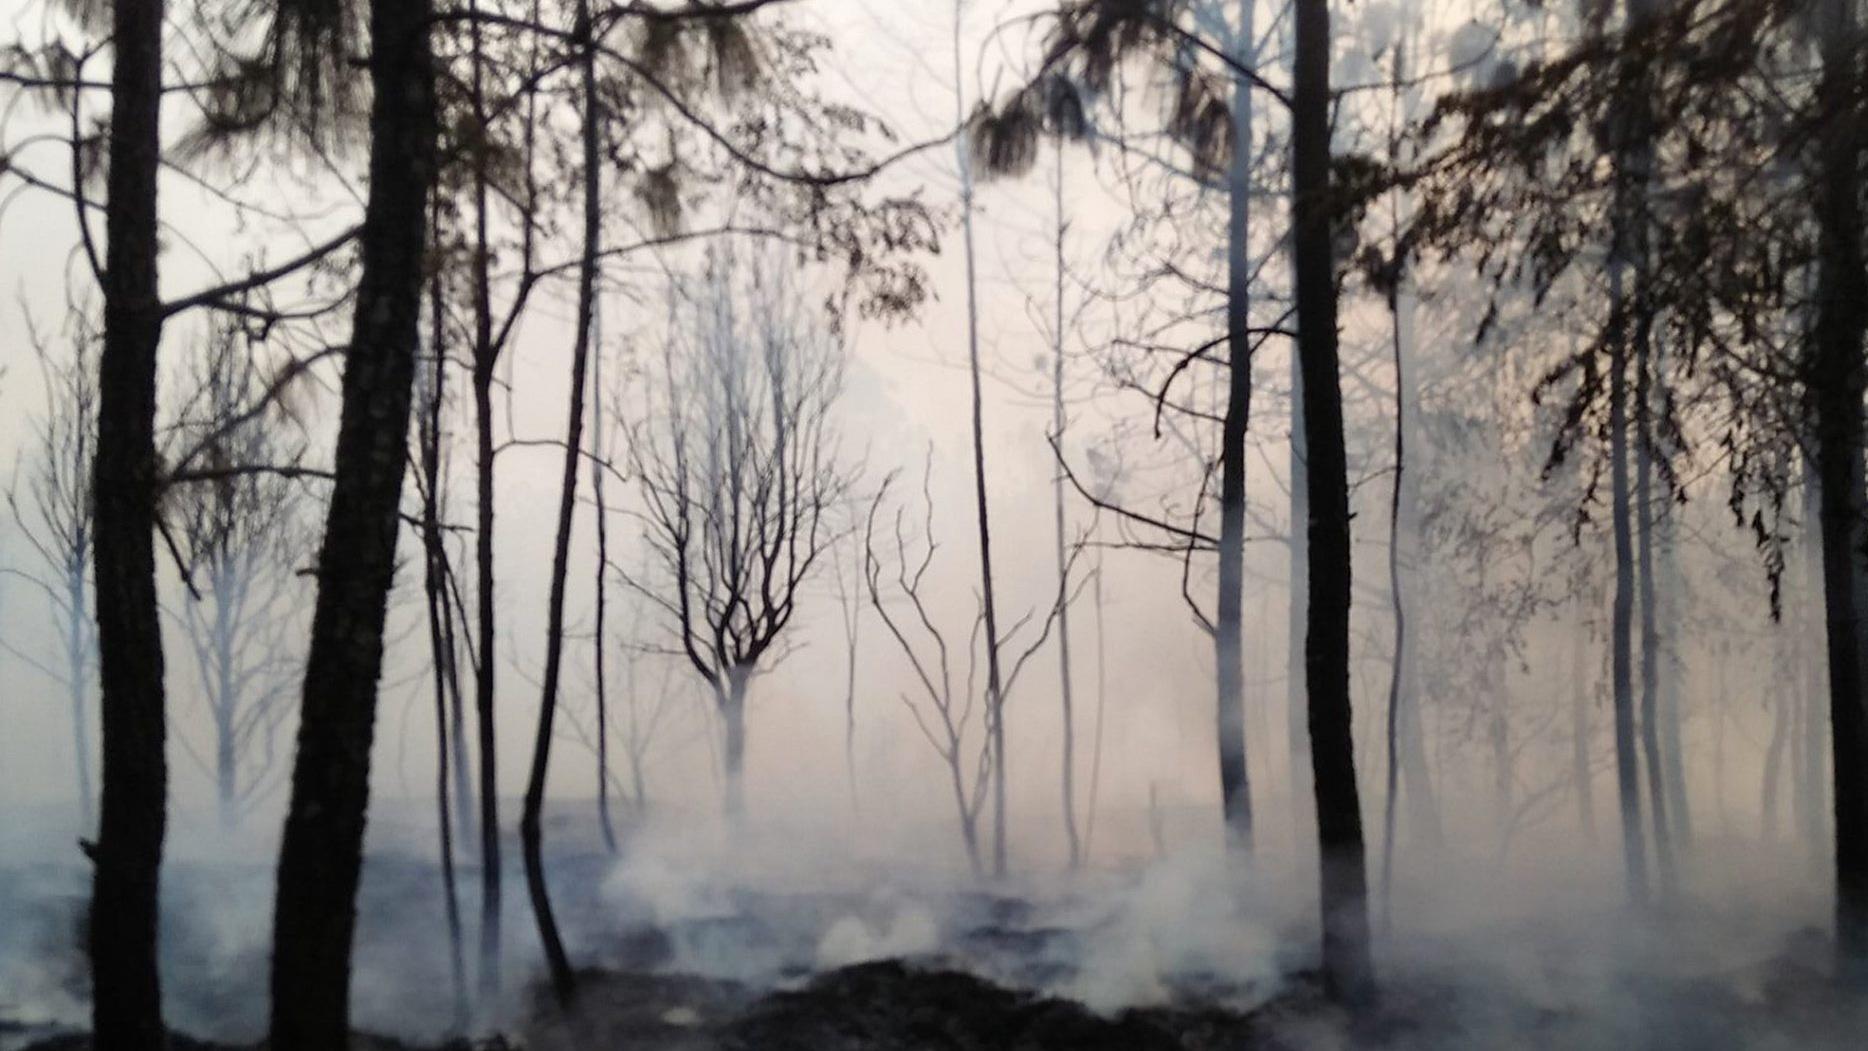 ข่าวสดวันนี้ ไฟป่า ไฟไหม้ป่าภูกระดึง